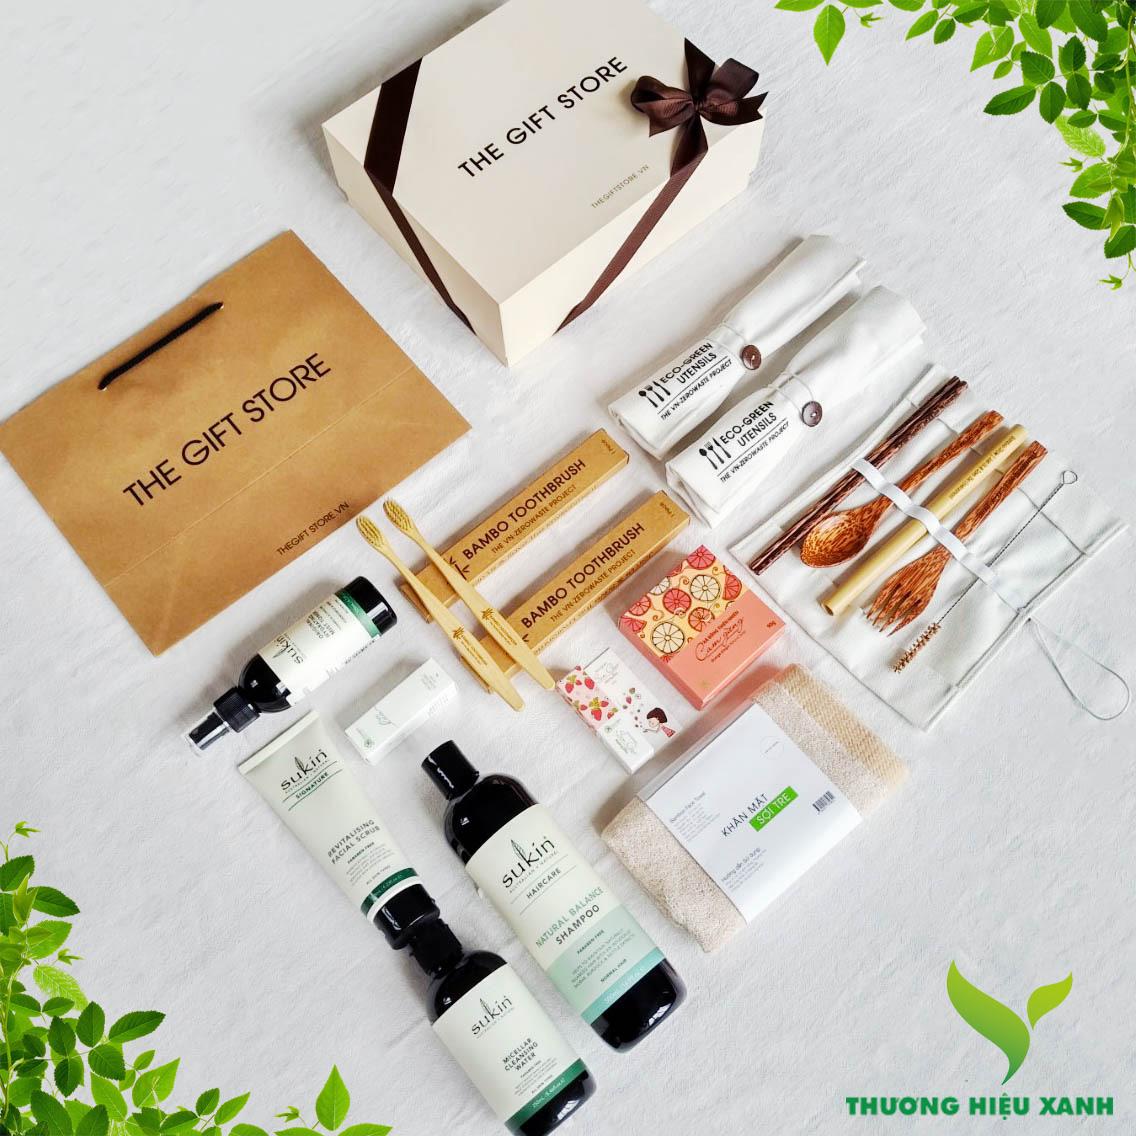 Start-up quà tặng lấy thân thiện môi trường làm tôn chỉ sản phẩm - Ảnh 2.